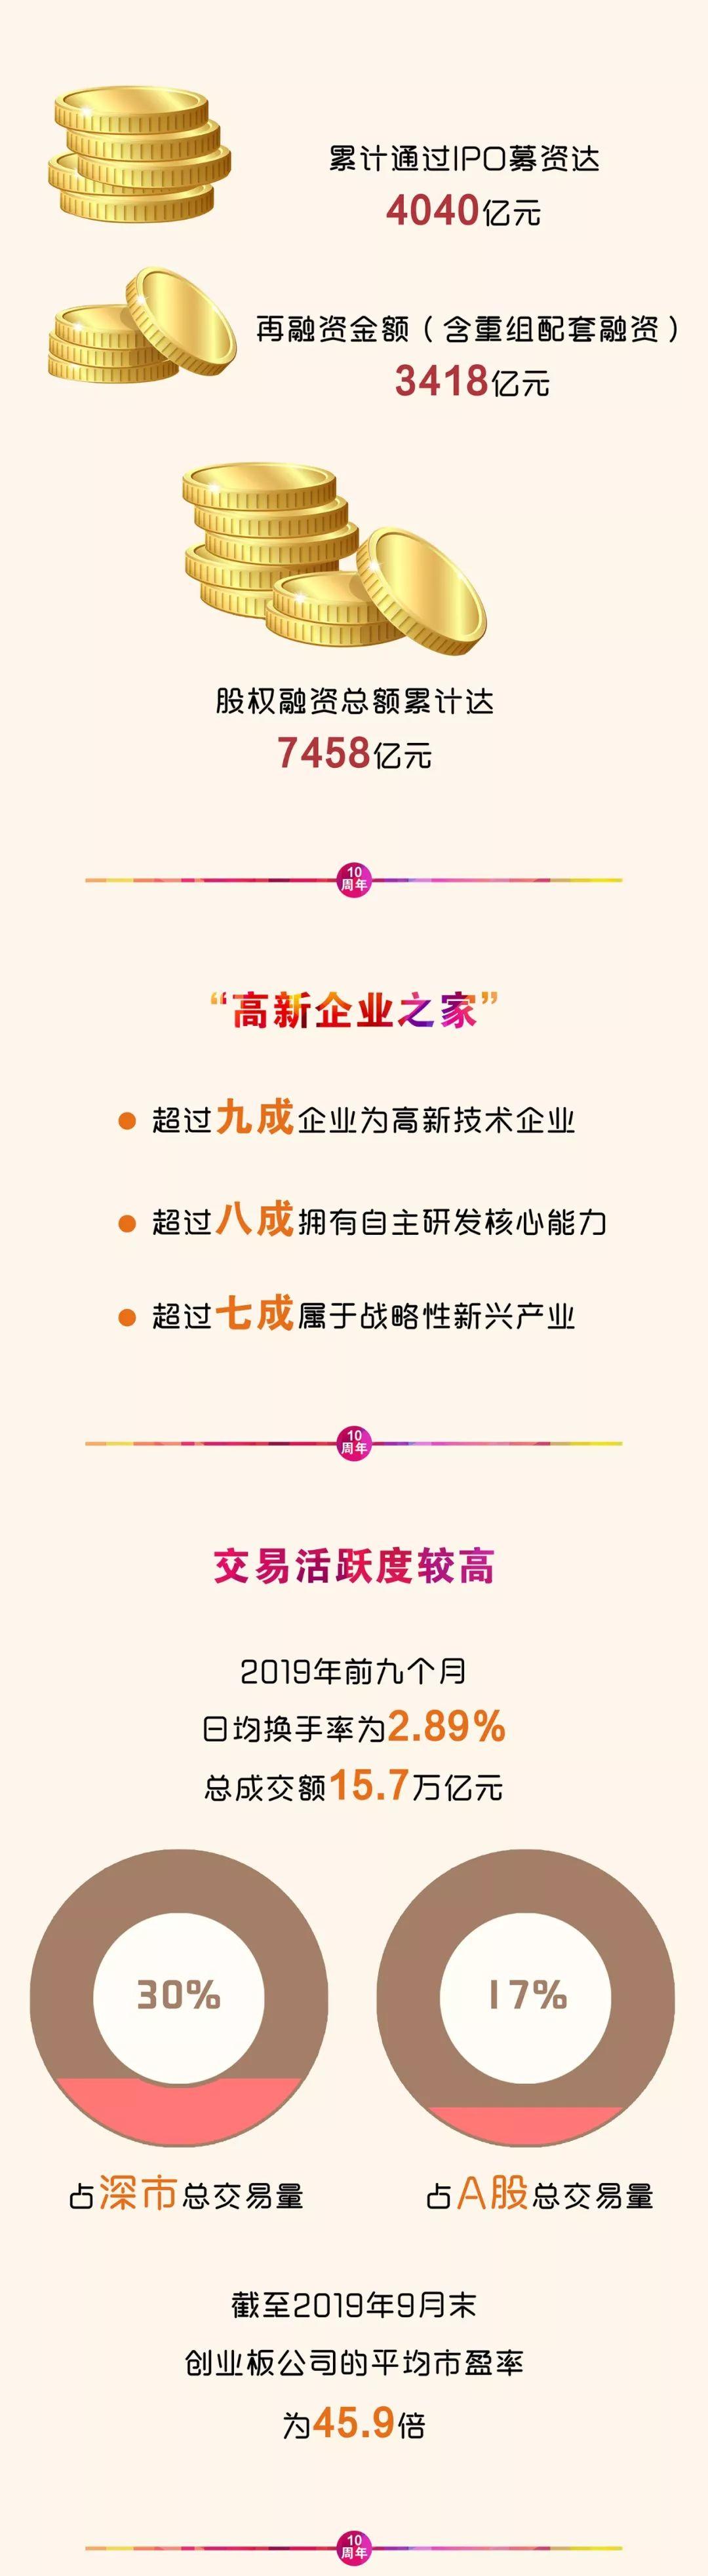 九龙娱乐场官方网站 共享汽车再传跑路 成本高昂盈利难解